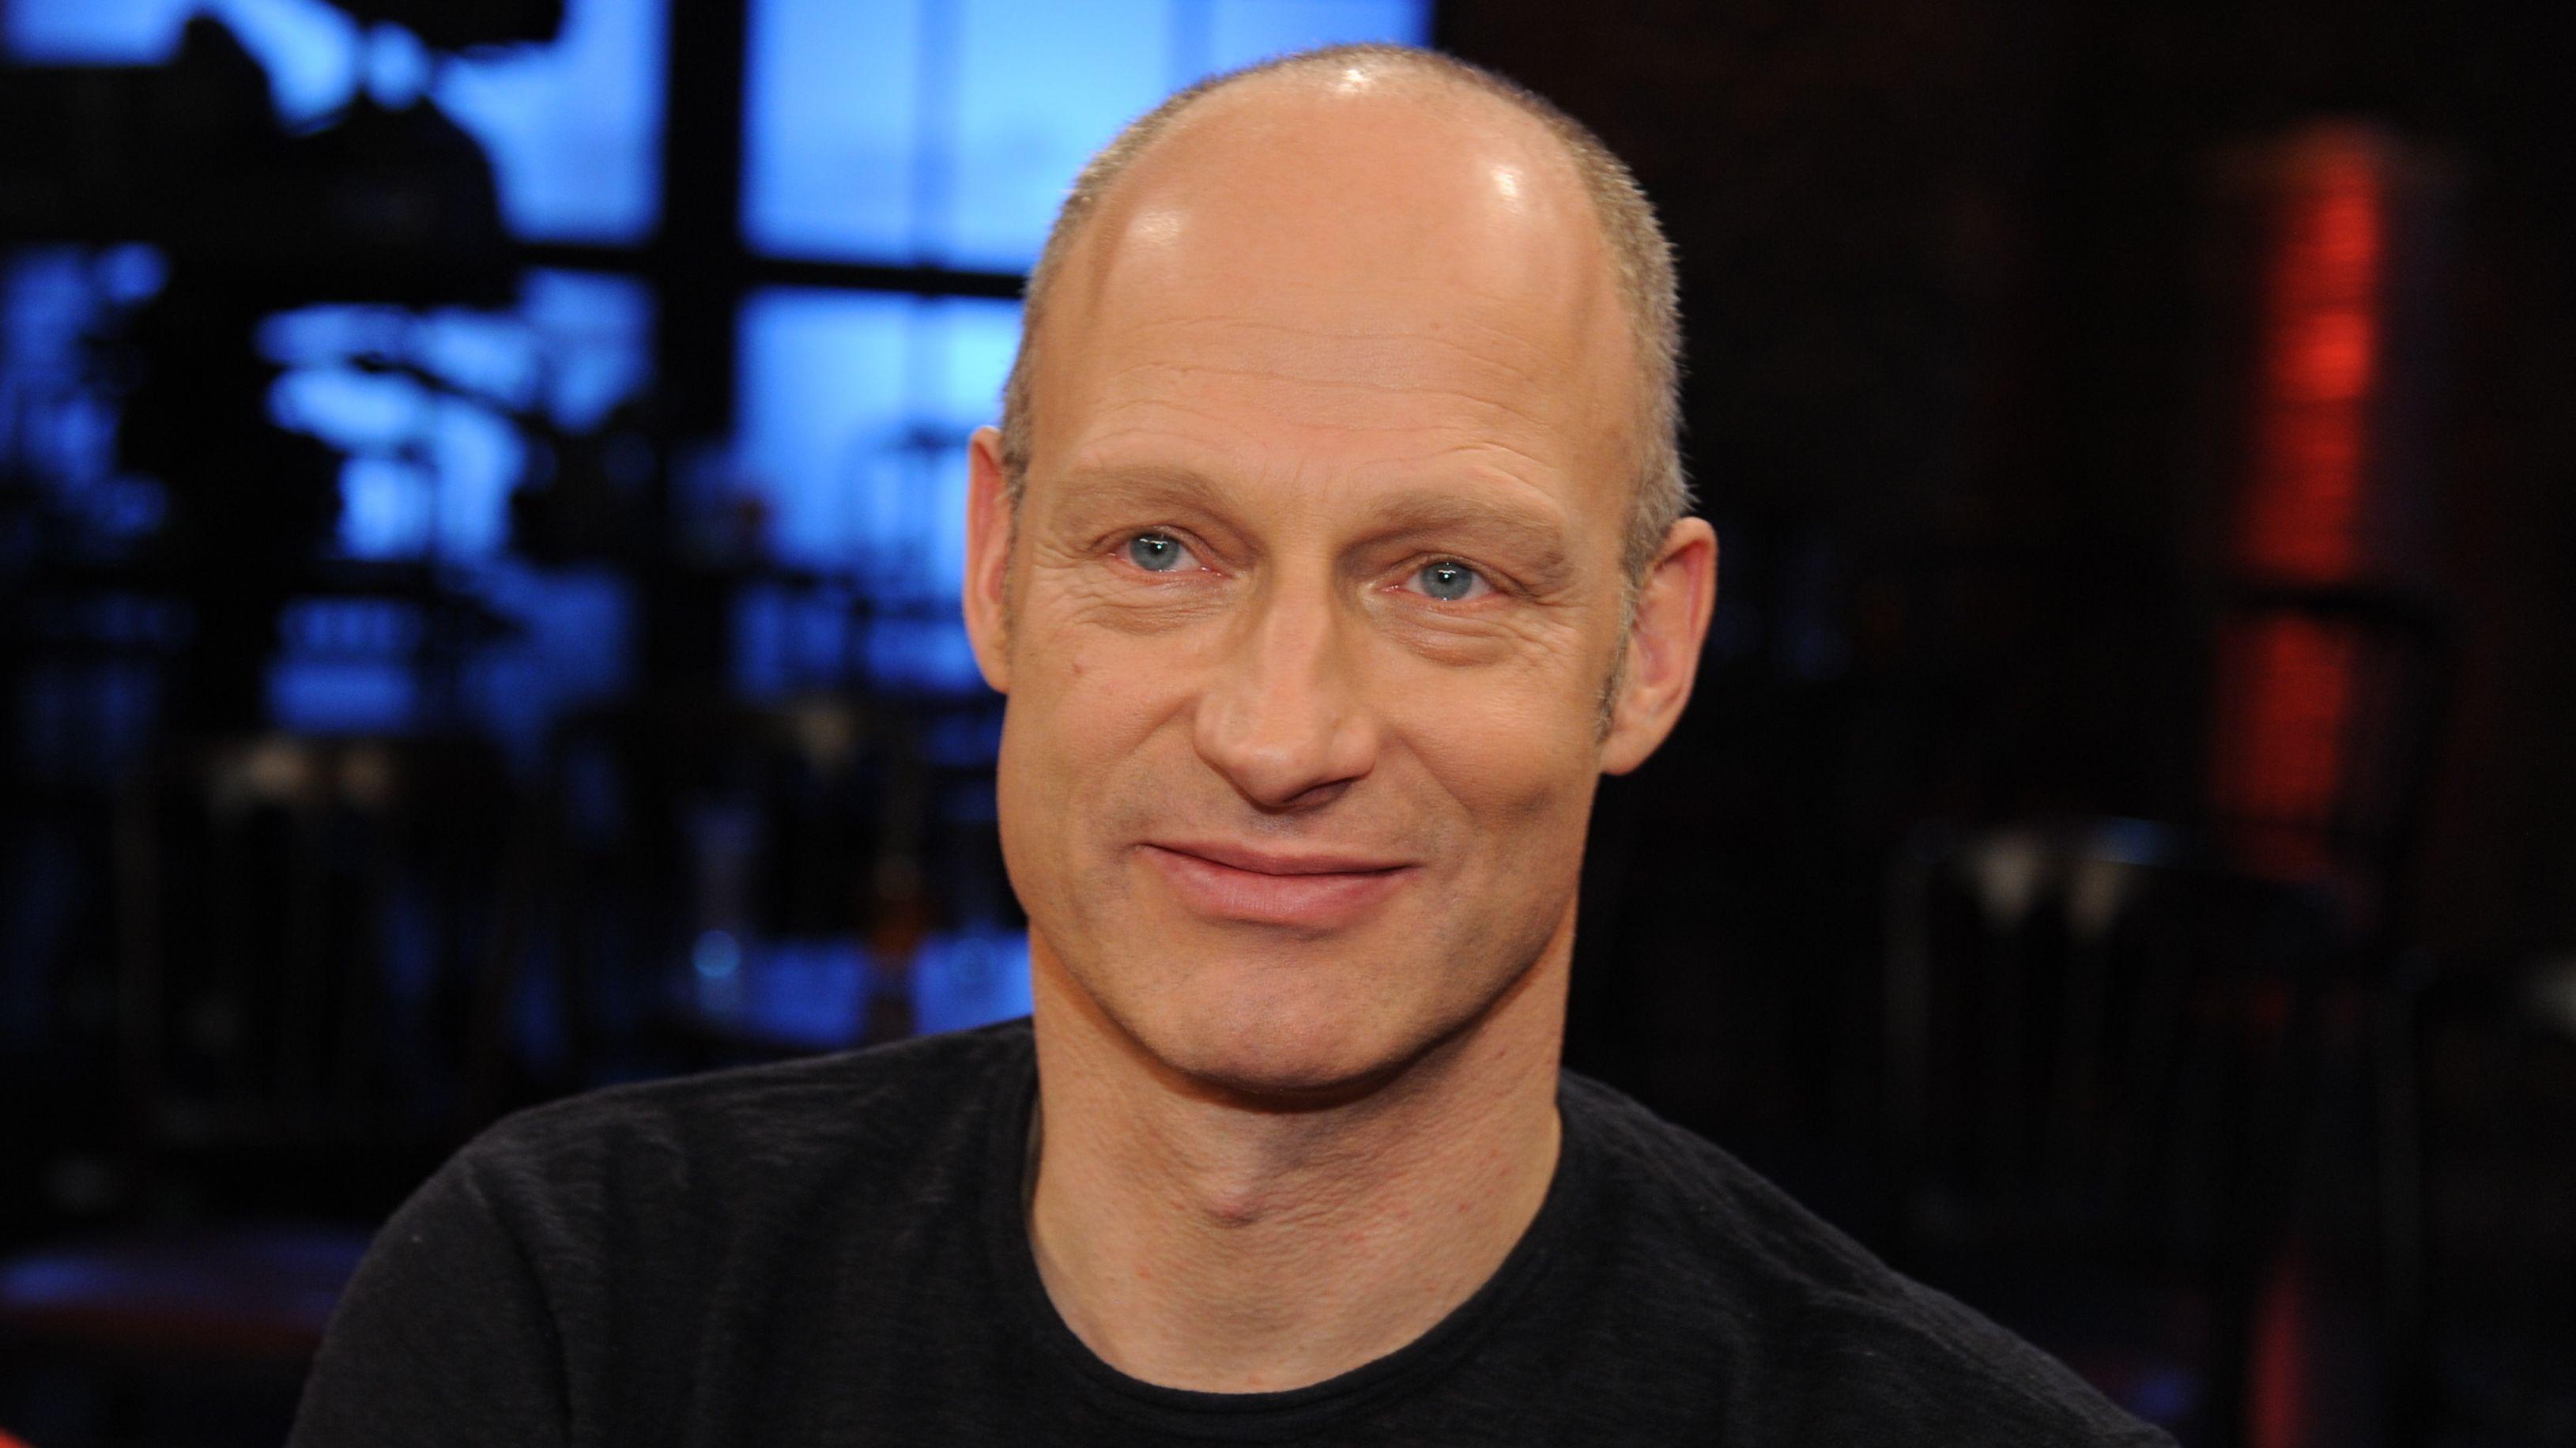 Der Schauspieler und Schriftsteller Joachim Meyerhoff (52) erhält den Bayerischen Buchpreis.